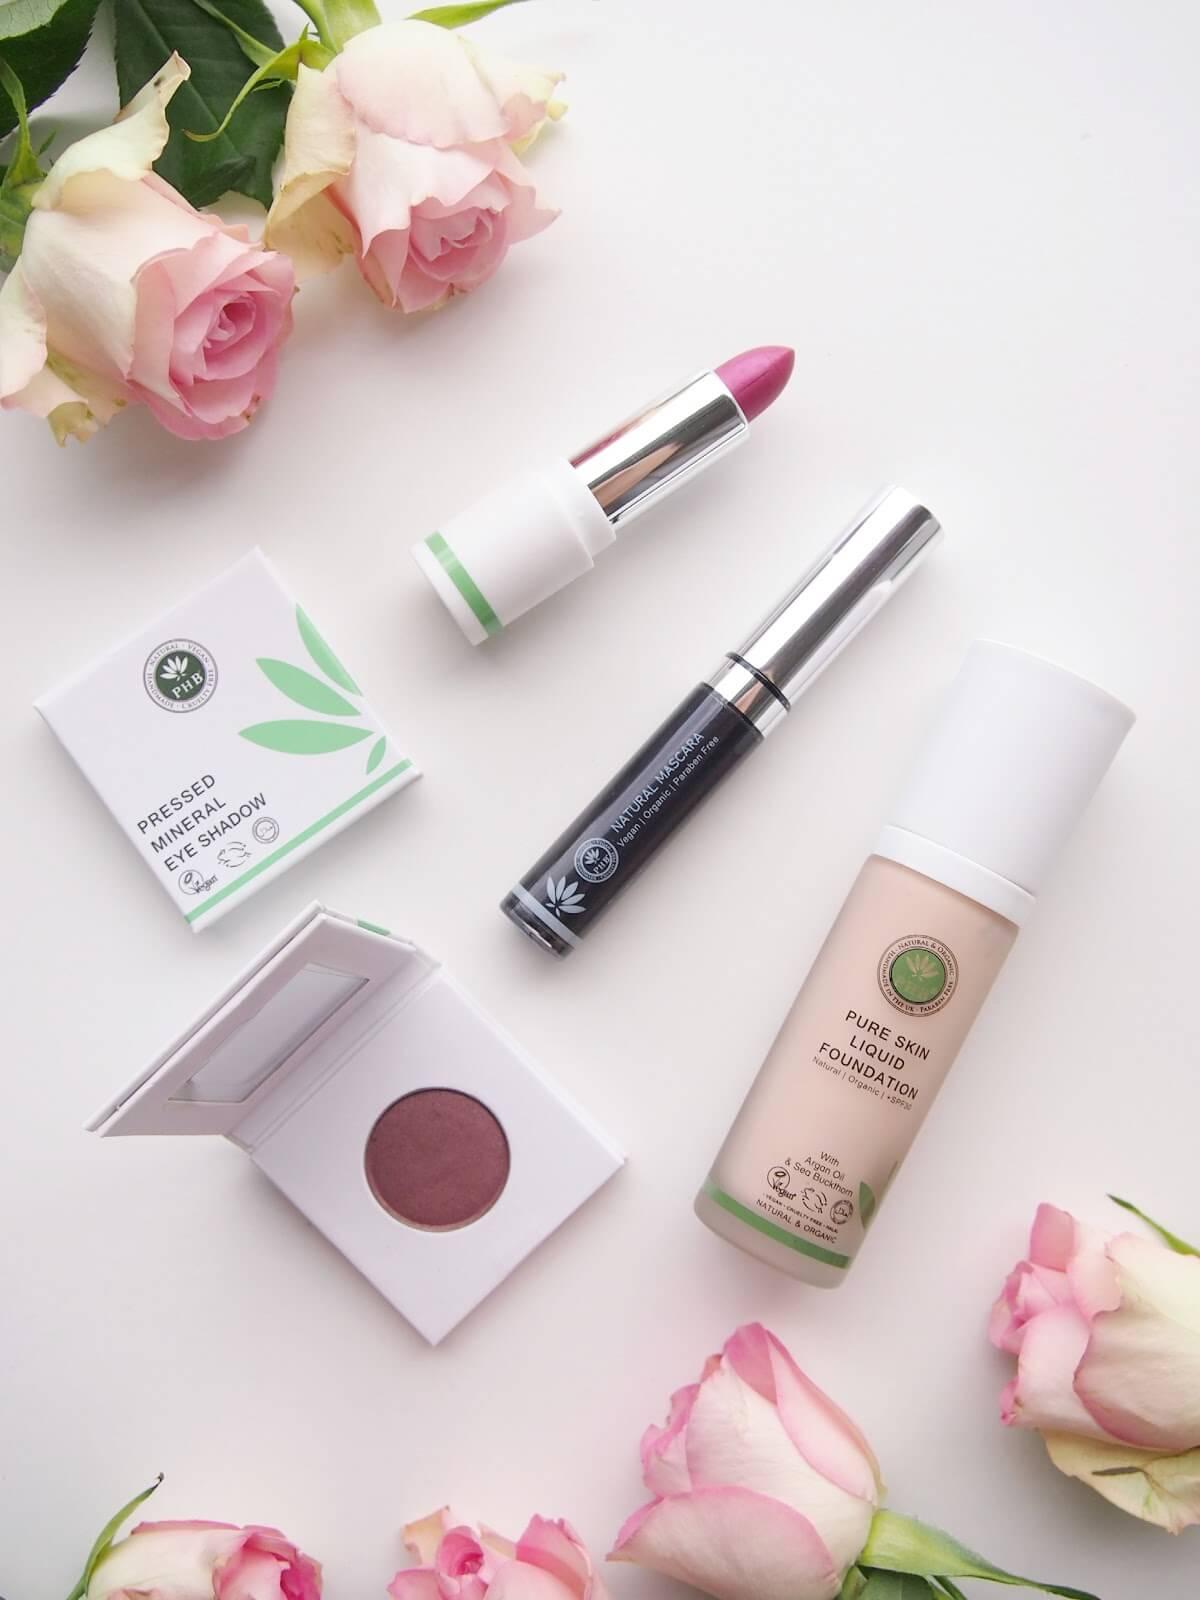 phb ethical beauty kosmetiikka